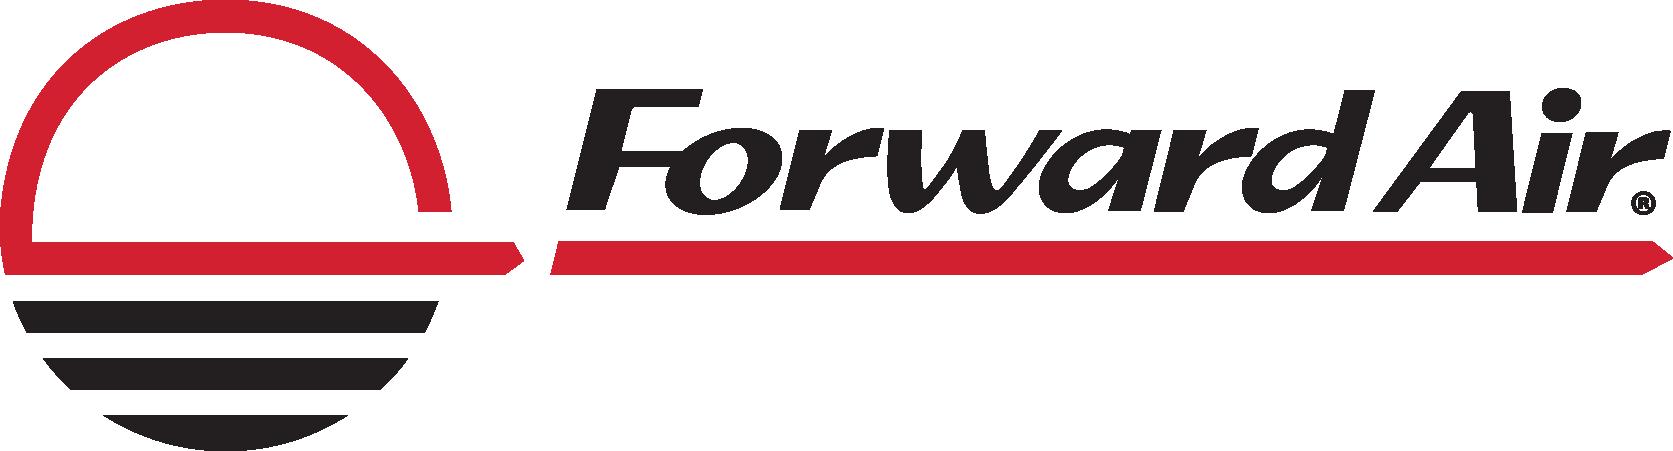 forward air jfk Best Truck Driving Jobs - Forward Air - Airfreight - LTL - TLS - PUD